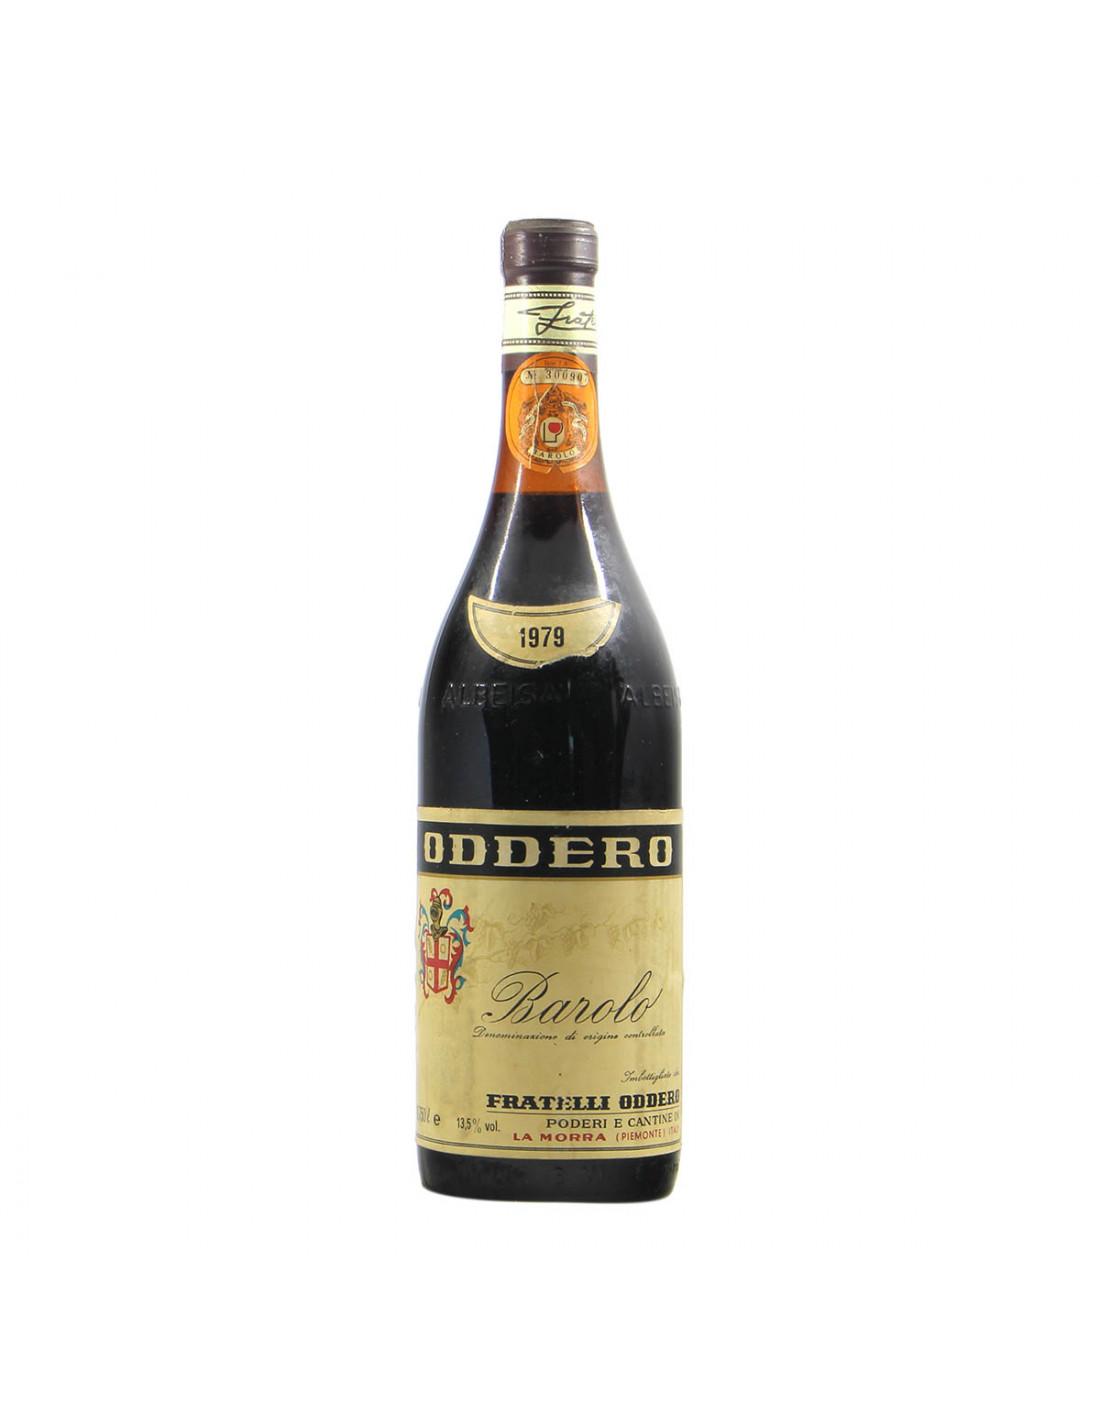 Oddero Barolo 1979 Grandi Bottiglie